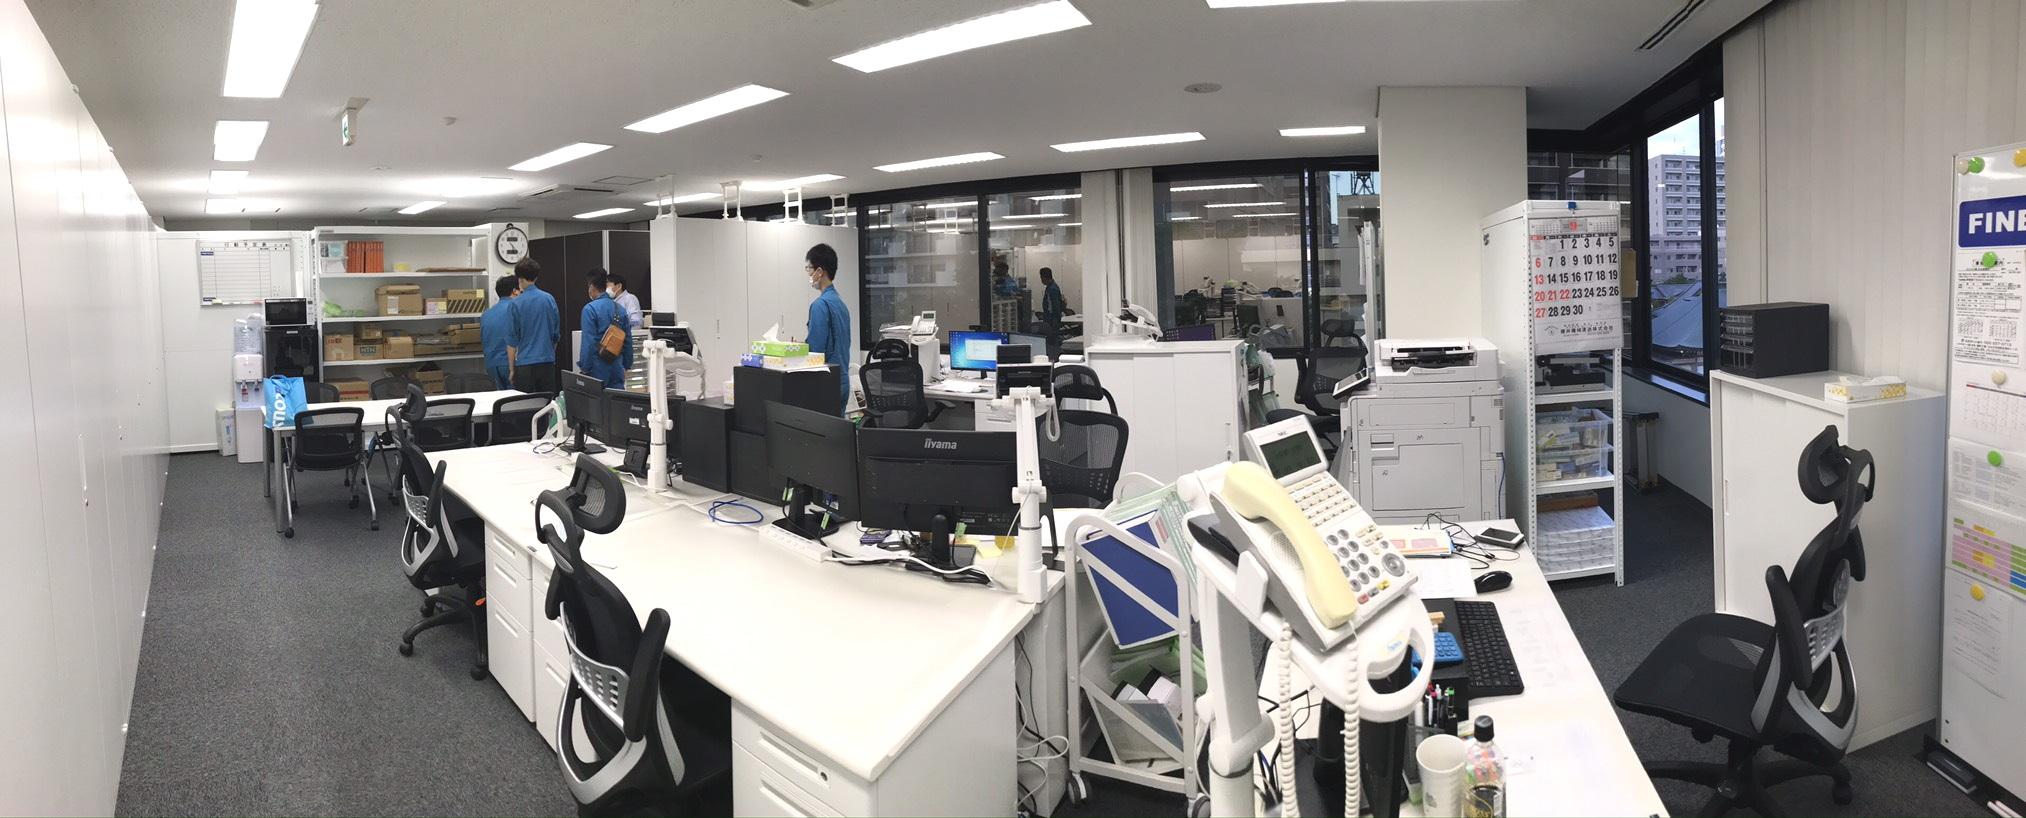 【移転】仙台営業所を移転致しました!